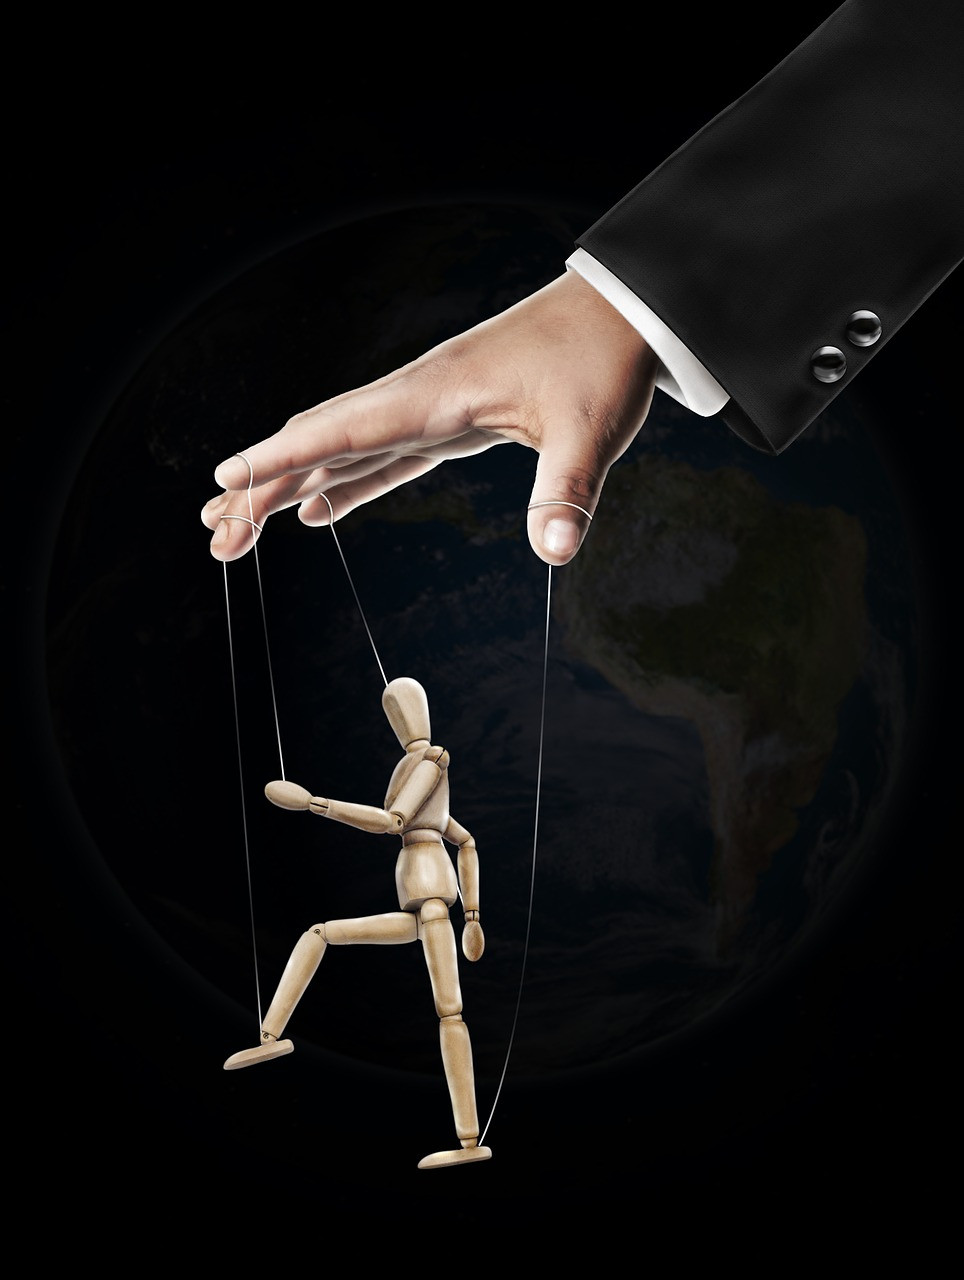 masculinidad como un sistema de control hacia los hombres. marionetas del sistema.